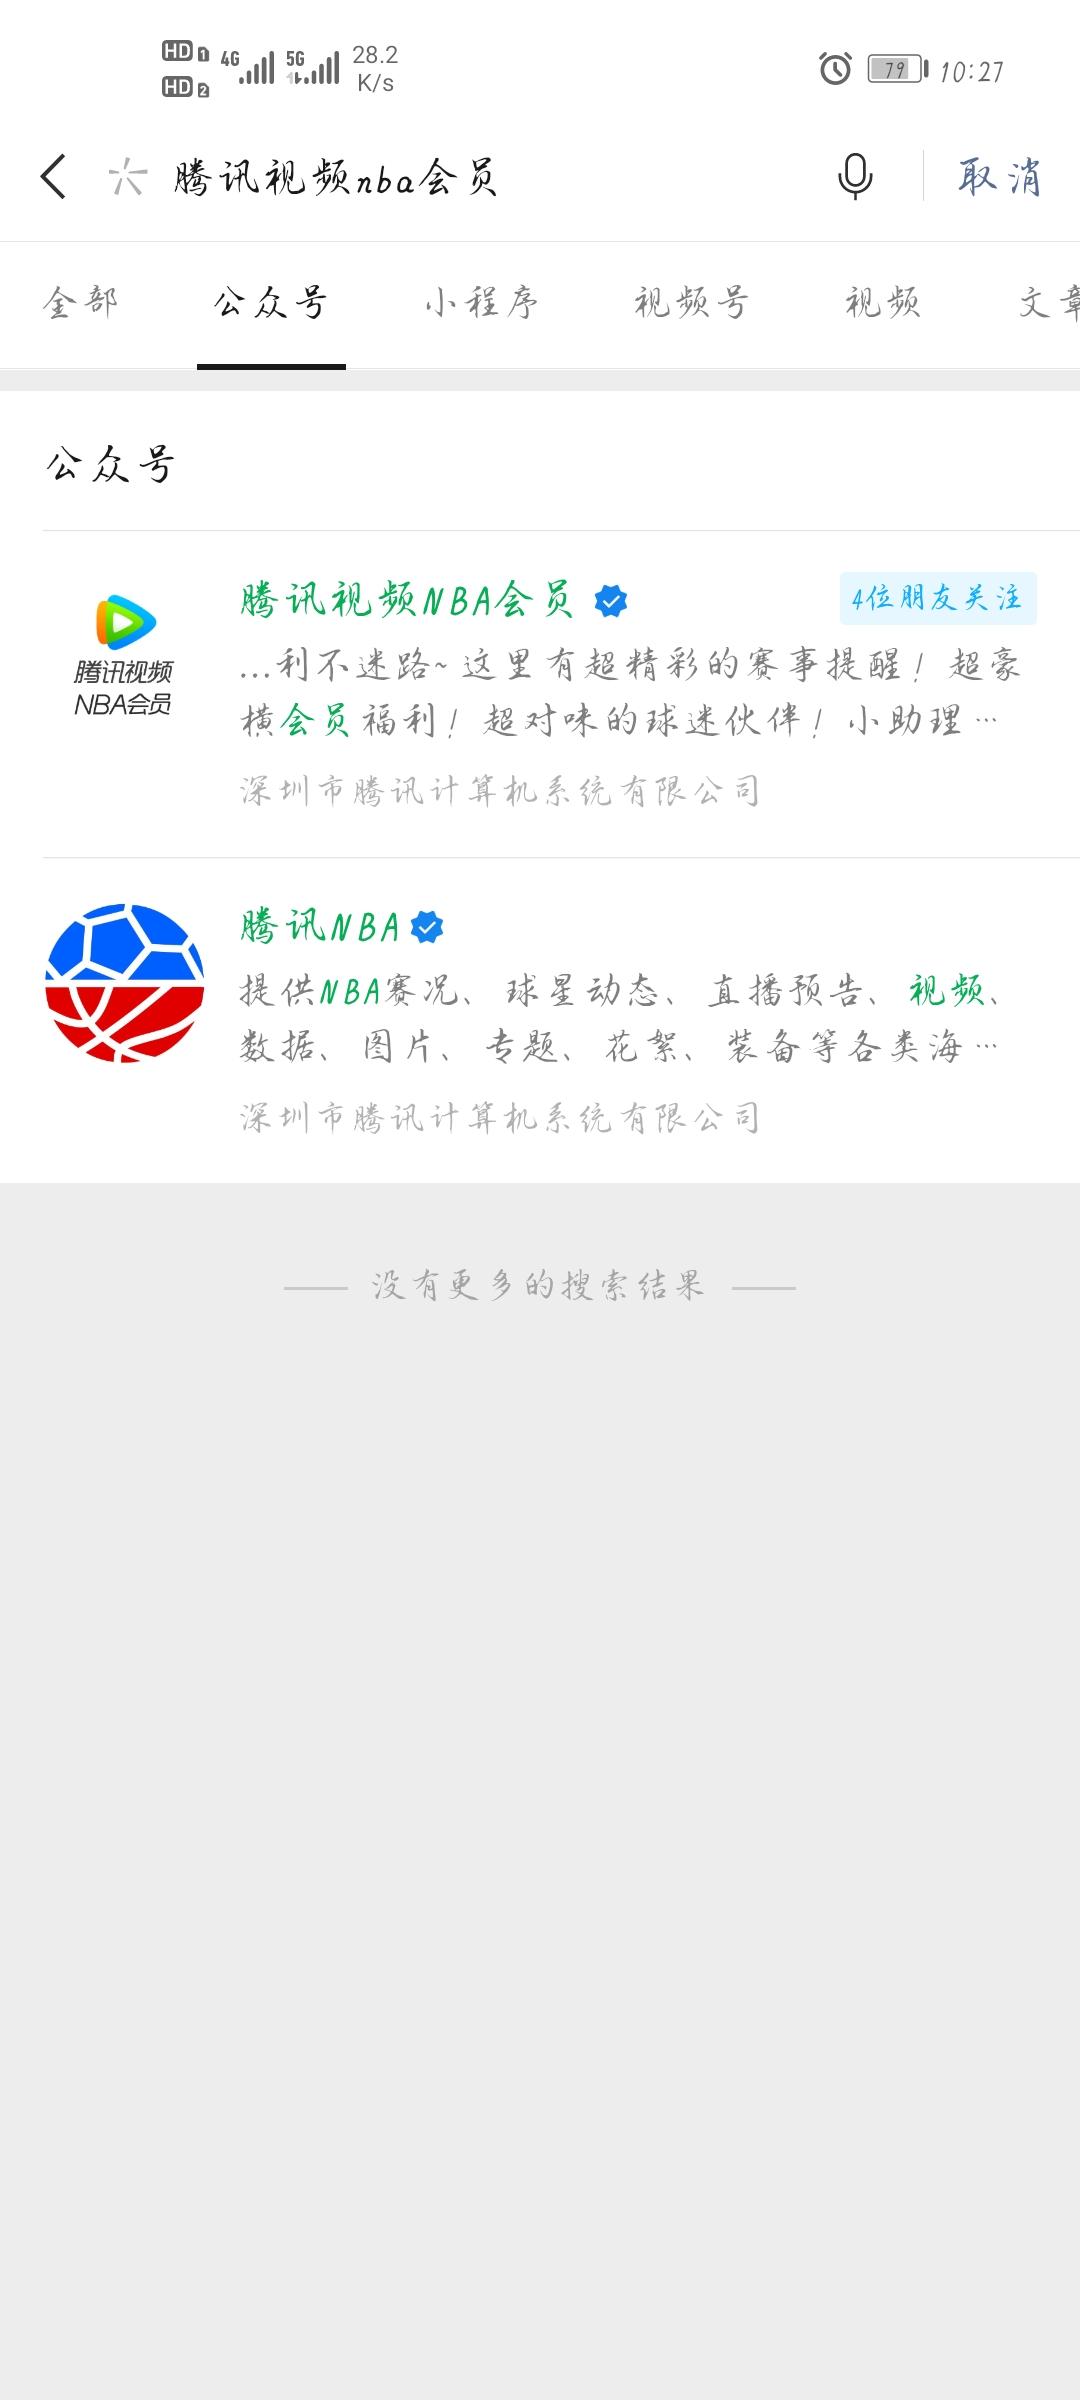 【虚拟物品】微信腾讯视频推文抽腾讯视频会员